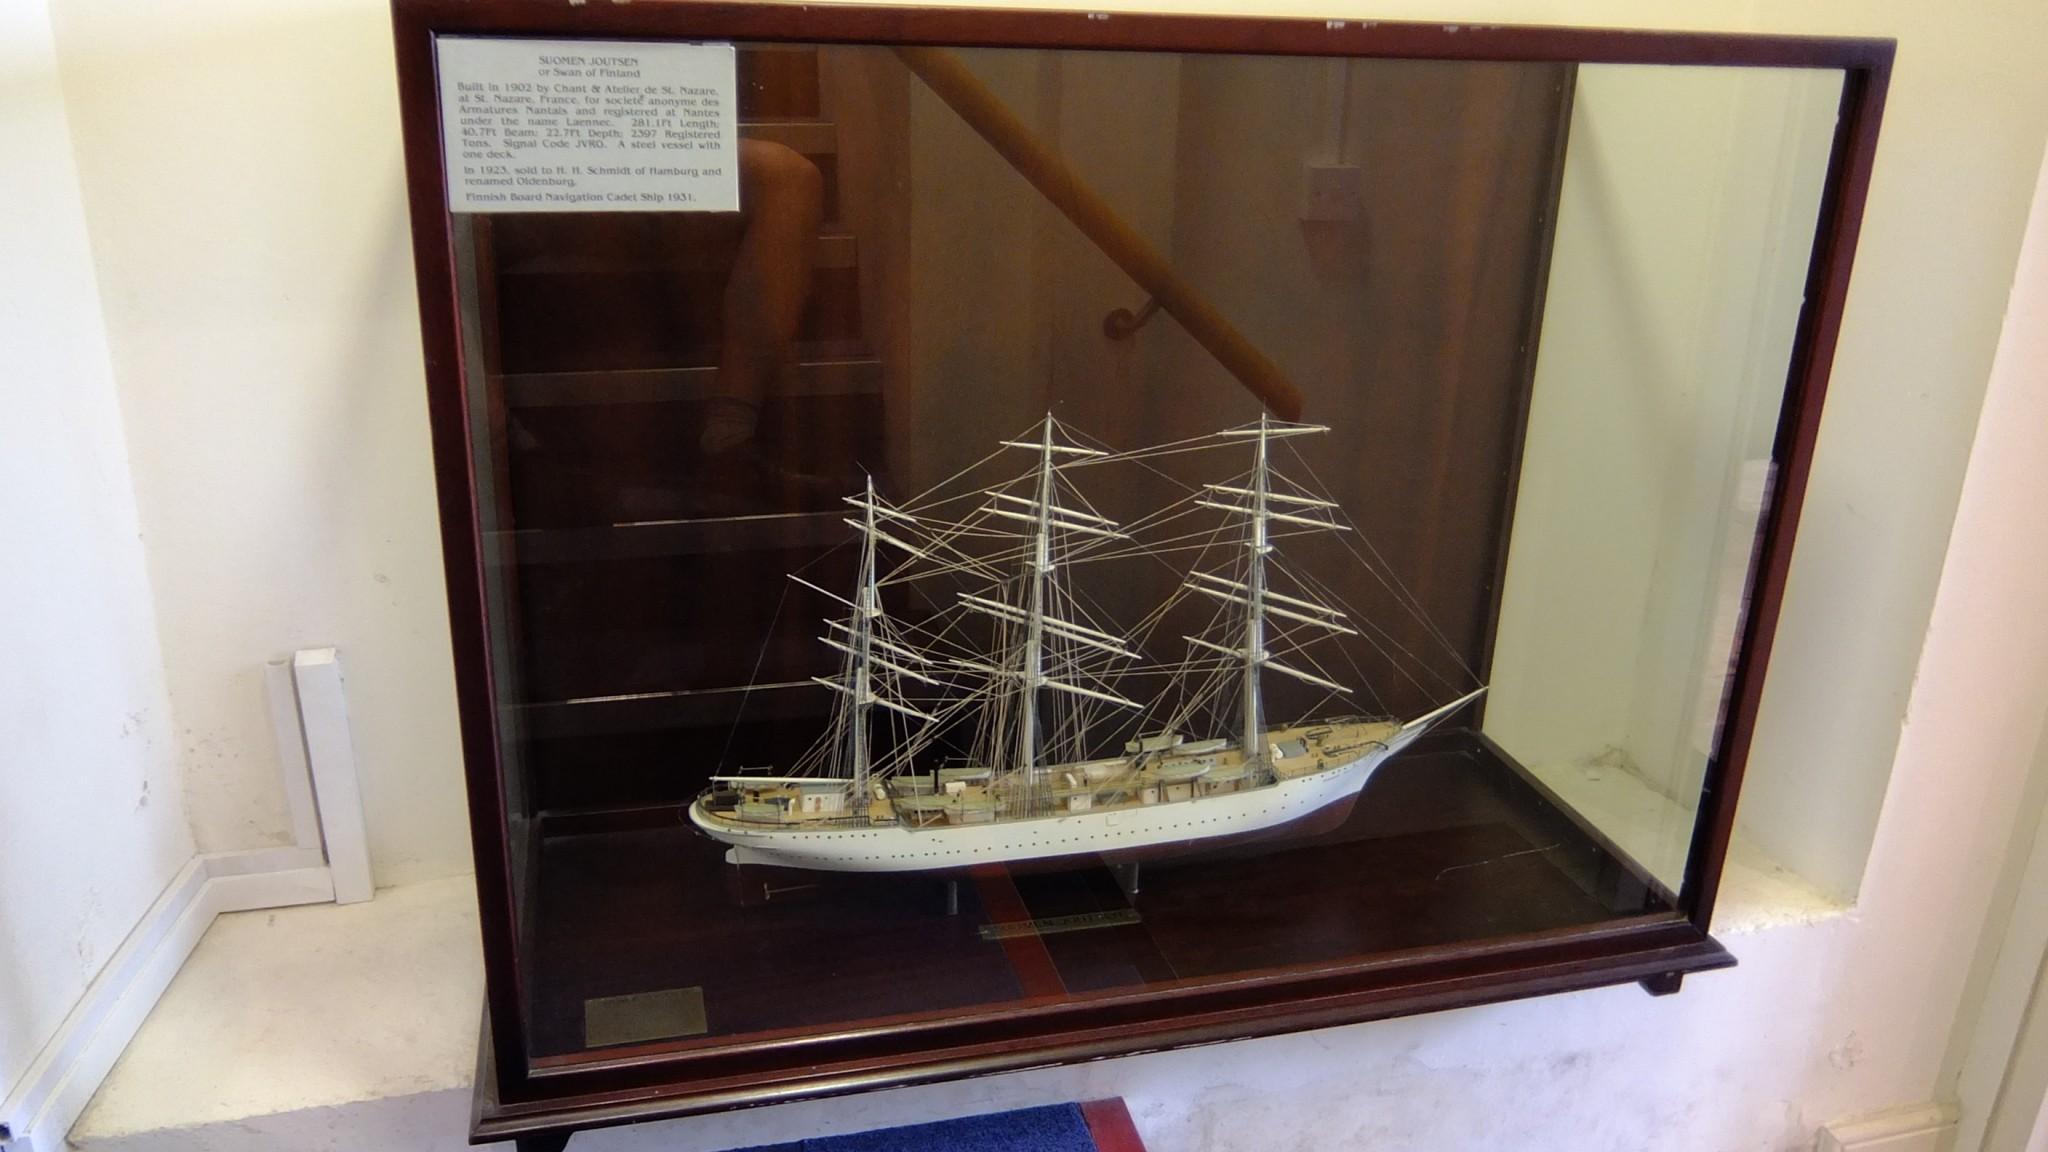 Kaikista erikoisinta minusta oli löytää pienoismalli laivasta nimeltä Suomen Joutsen! Tämä herätti meissä sekä hilpeyttä, että ihmetystä. Hauskaa saada pala Suomenkin historiaa Irlannin kansalliseen merenkulun museoon.